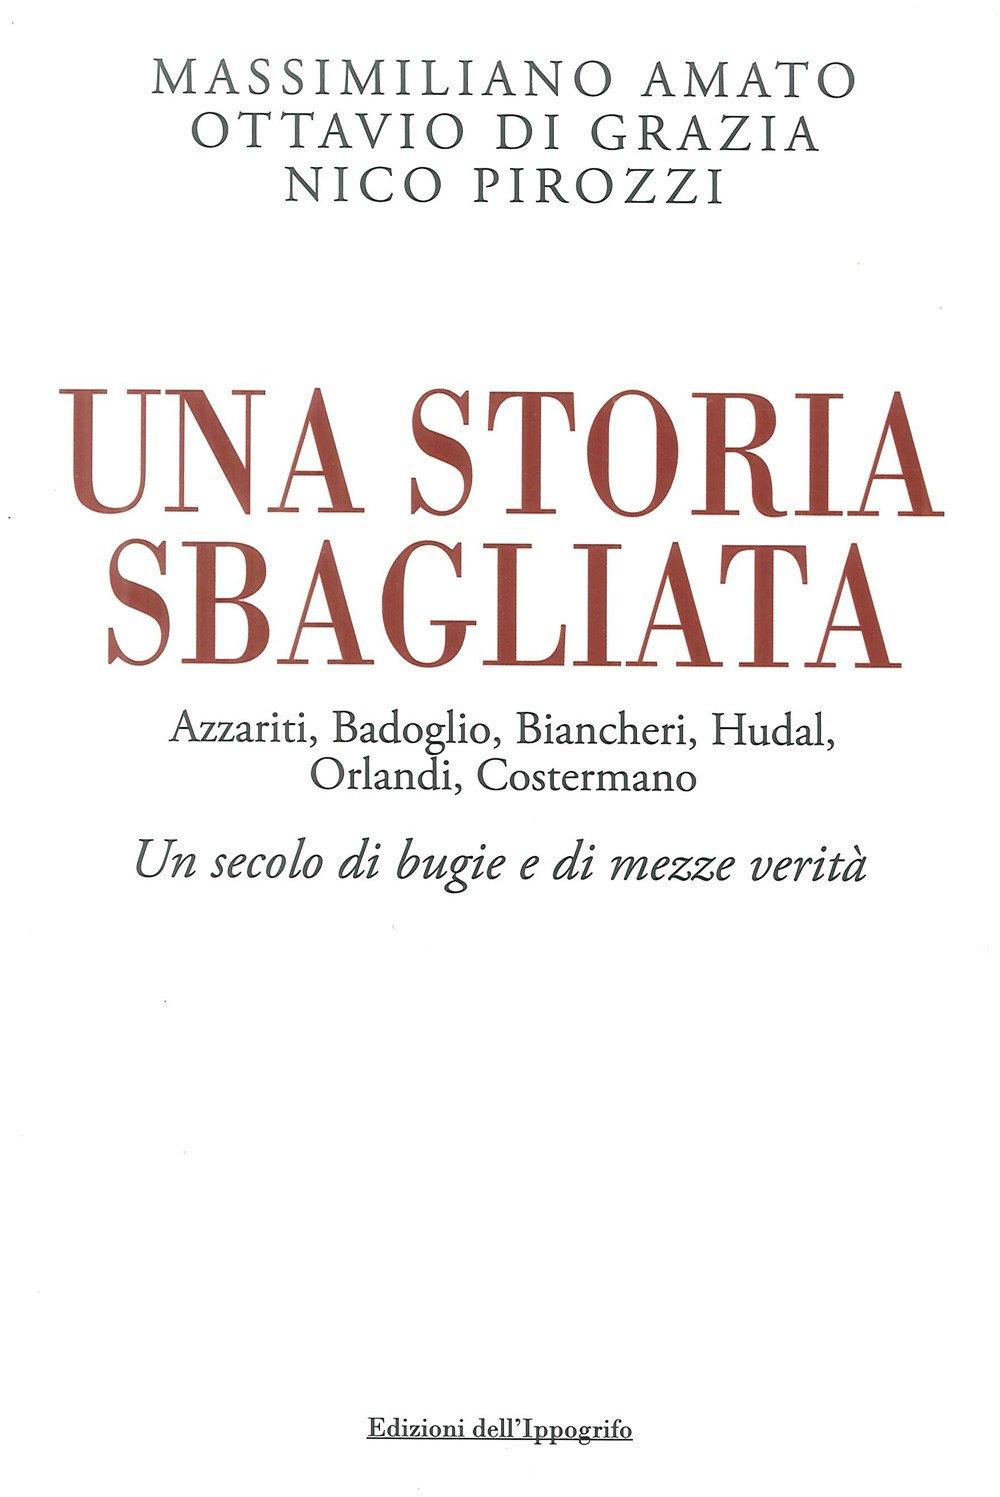 Una Storia Sbagliata Azzariti, Badoglio, Biancheri, Hudal, Orlandi, Costermano un Secolo di Bugie e di Mezze Verità